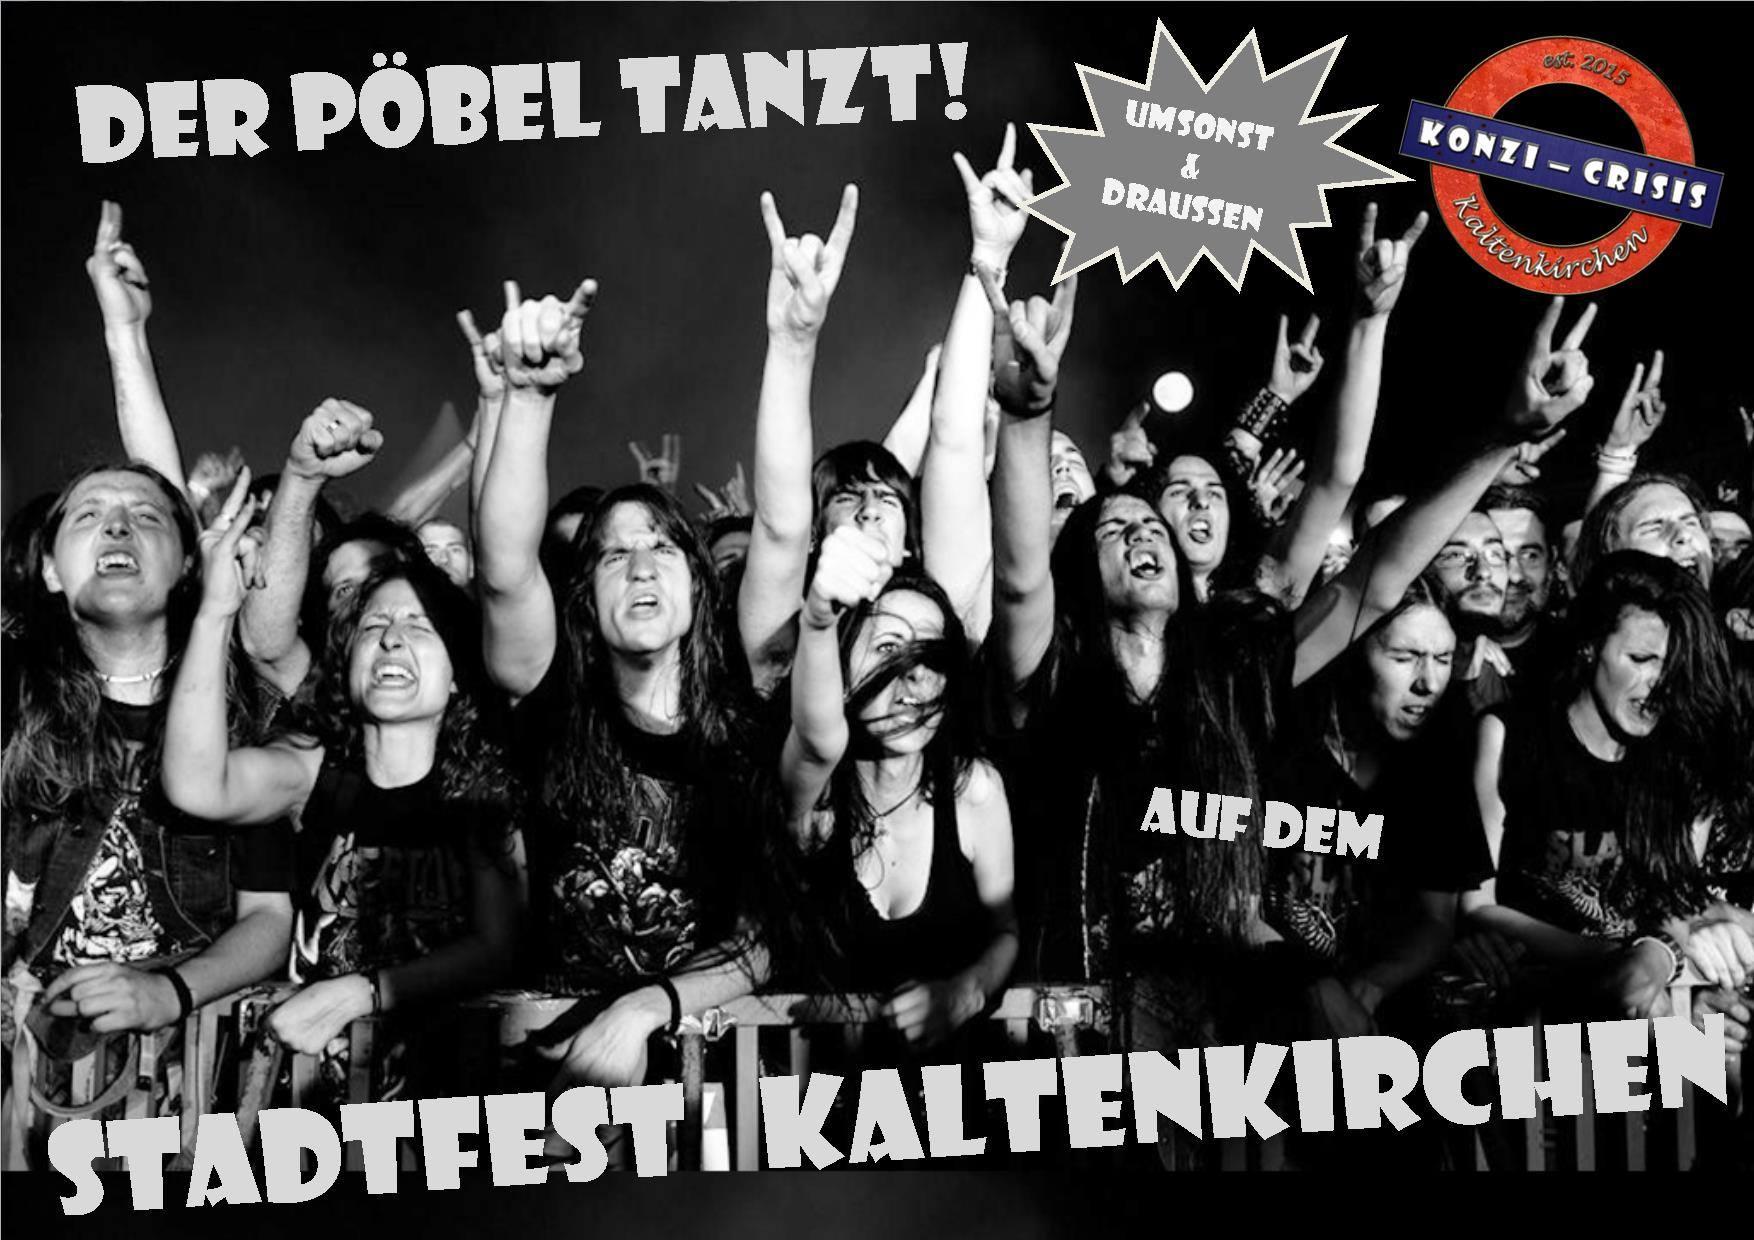 Konzi Crisis Stadtfest Kaltenkirchen